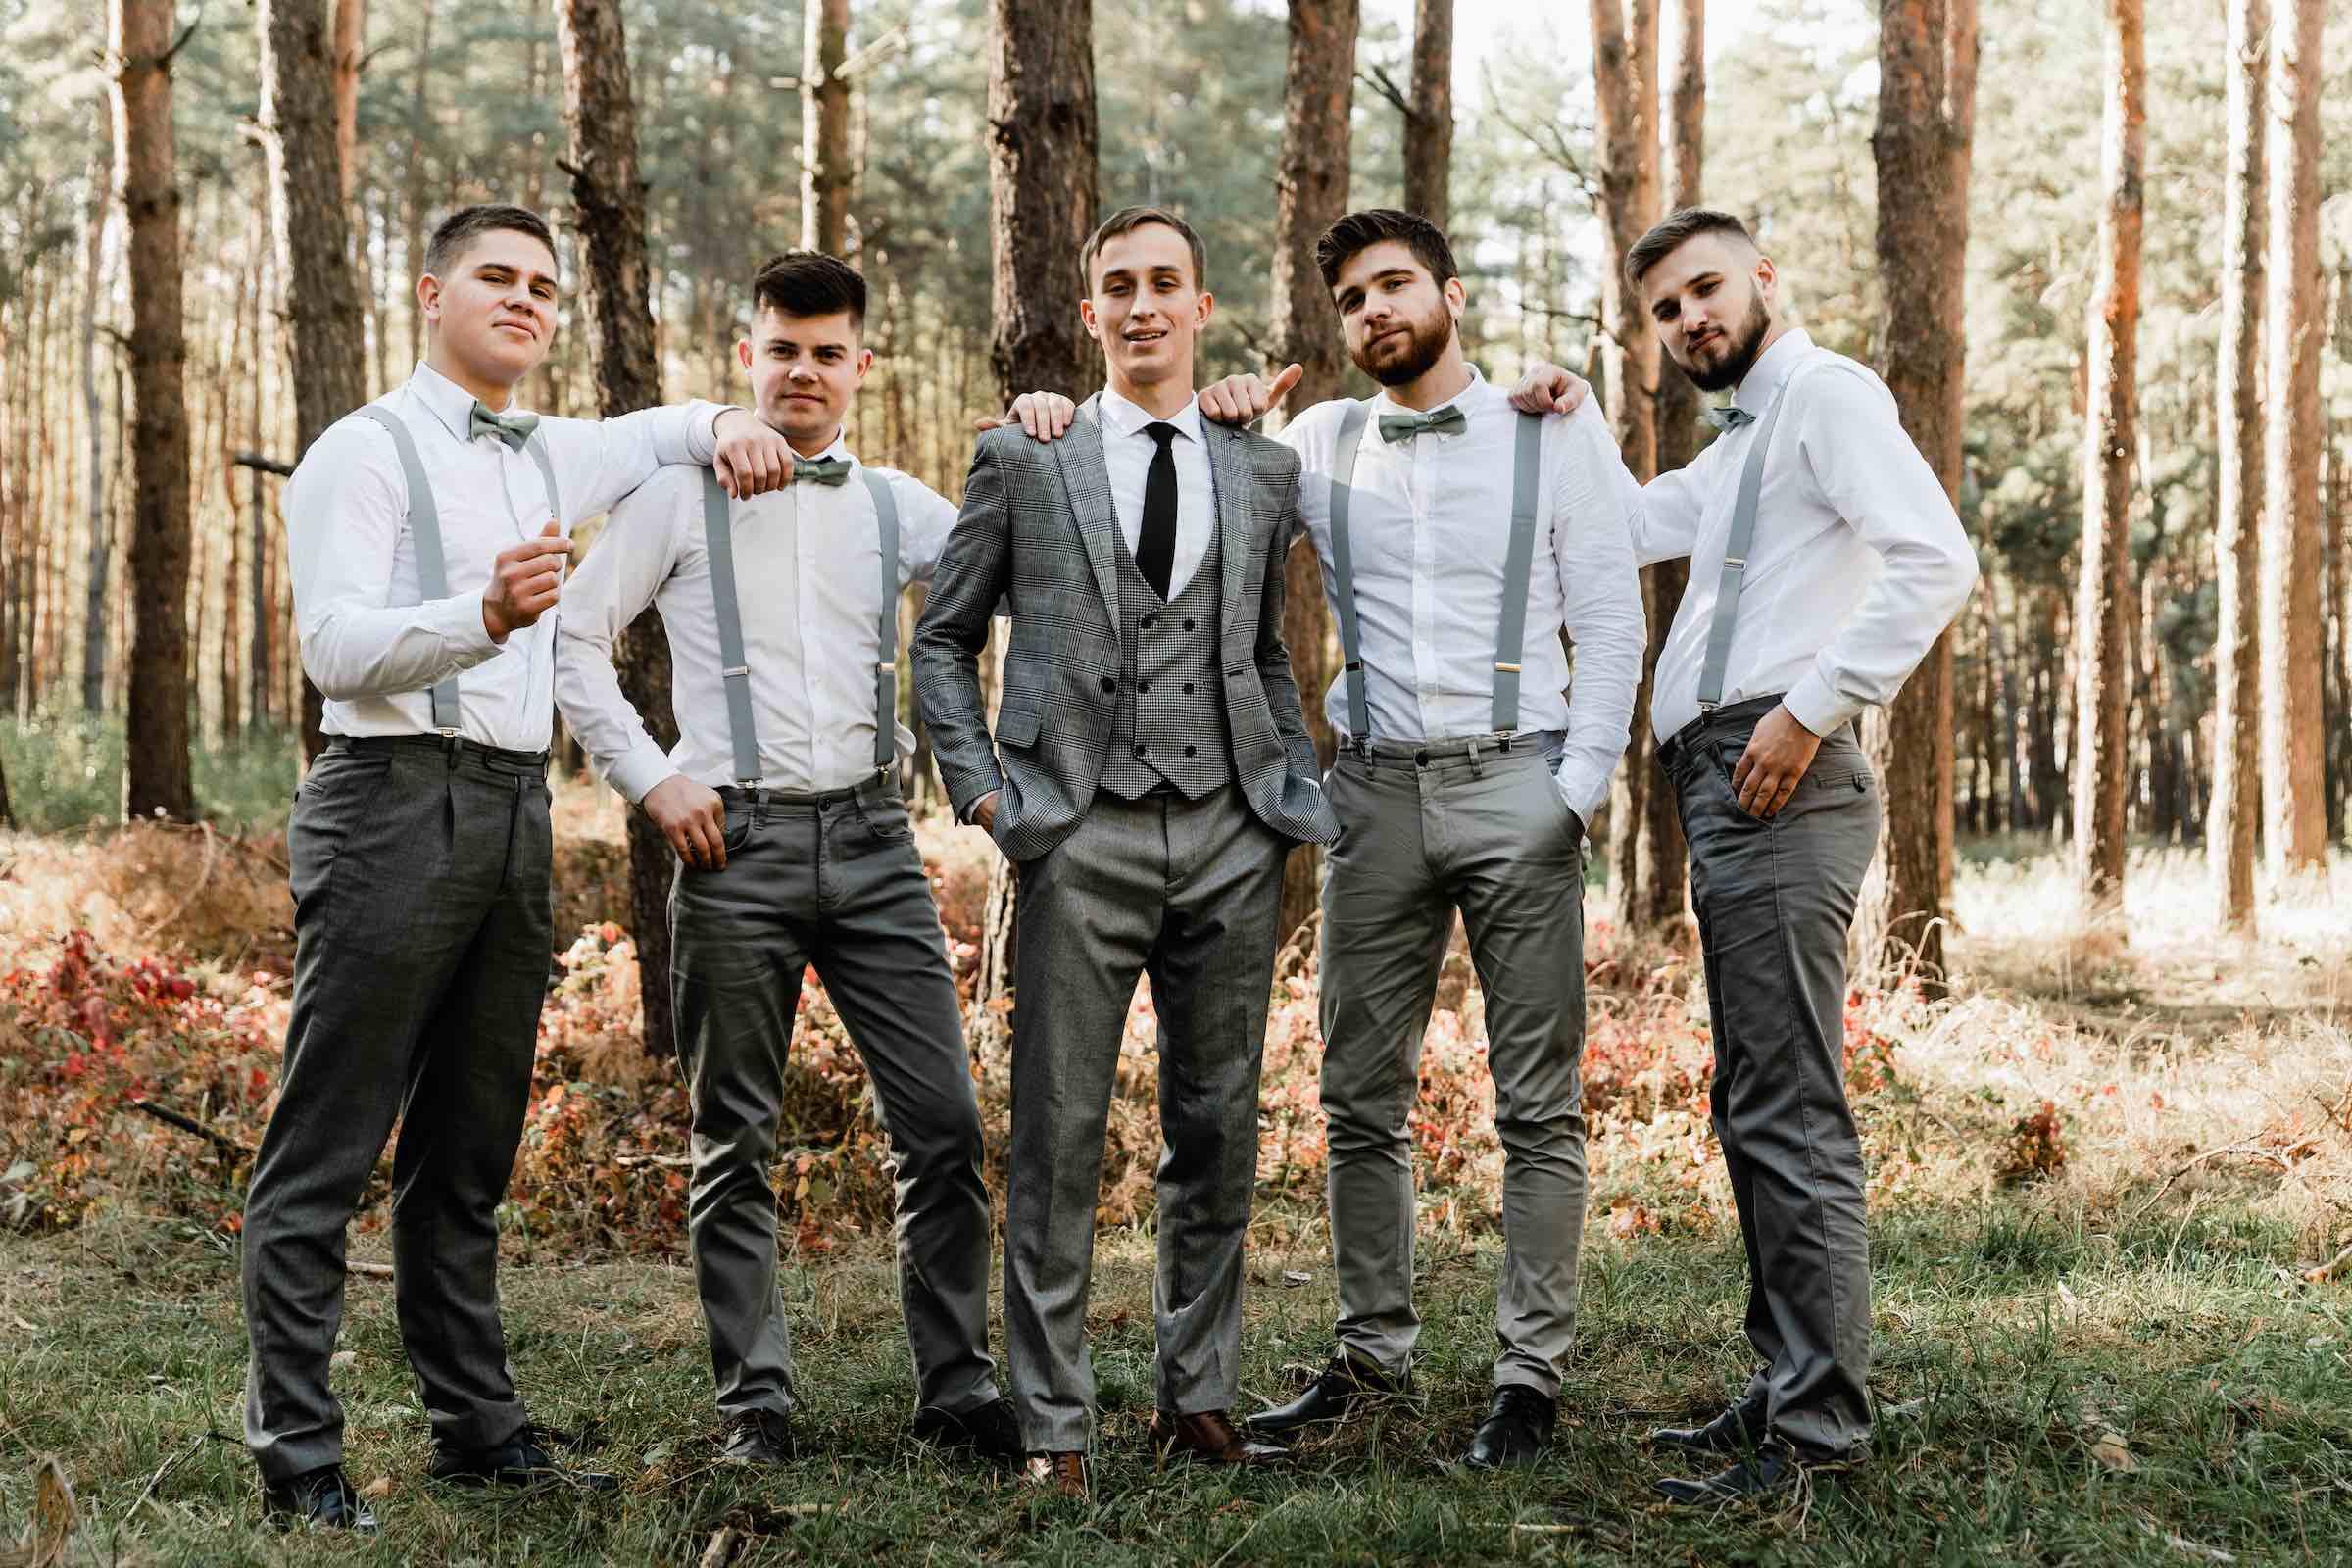 Hochzeitsreportage | Hameln | Hannover | Hochzeit | Celle | Peine | Hildesheim | Braunschweig | Fotograf | Hochzeit | Hochzeitsfotografie | Hochzeitsfotograf | Fotografie | Mieten | Buchen | Lehmann | Eventservice